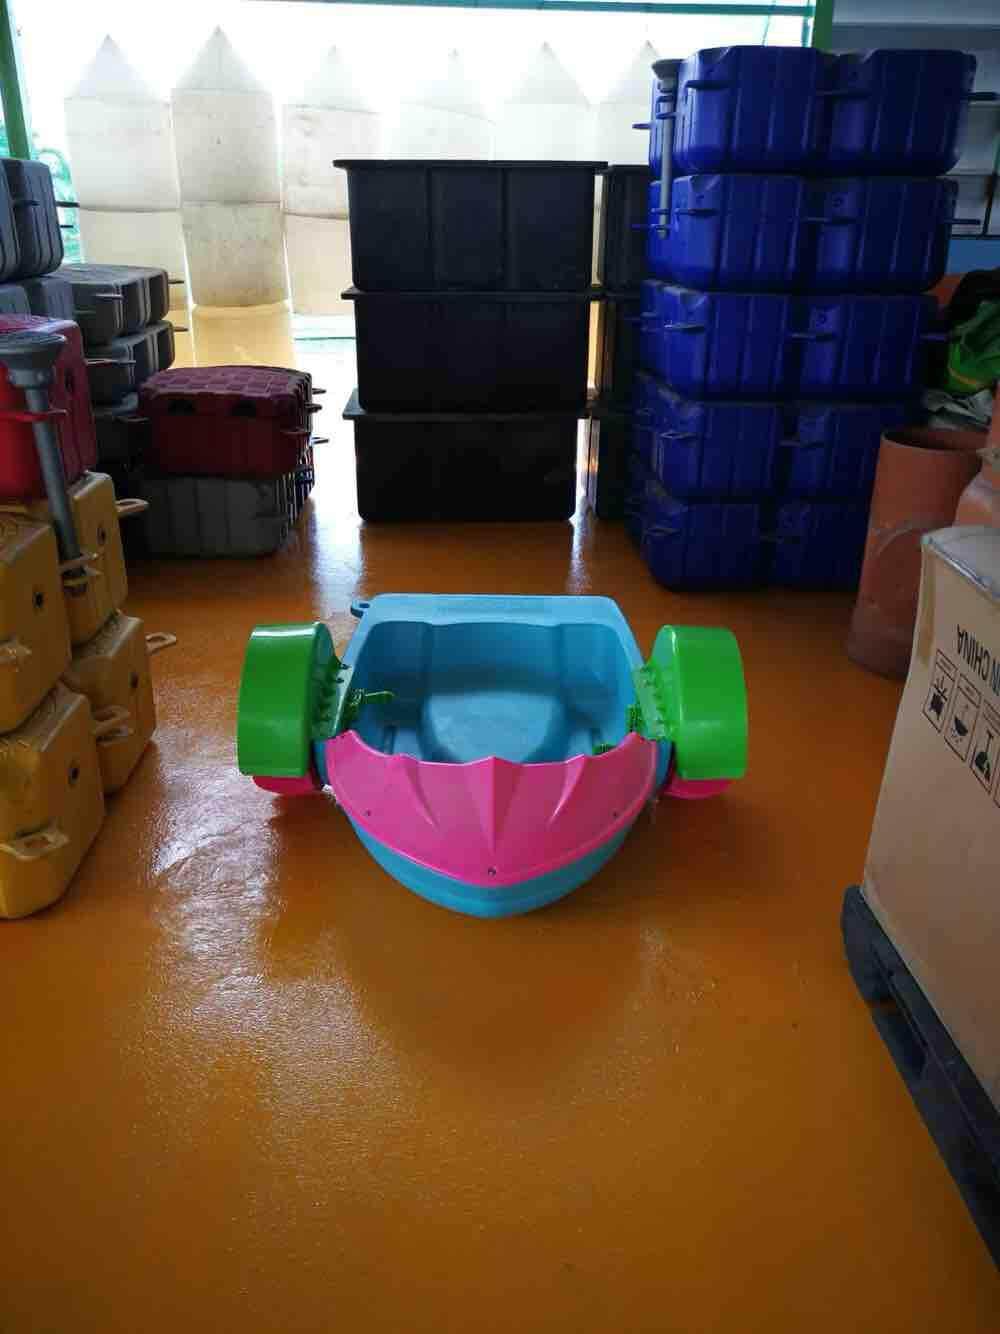 เรือหมุนเด็กเล่น By Various Products.